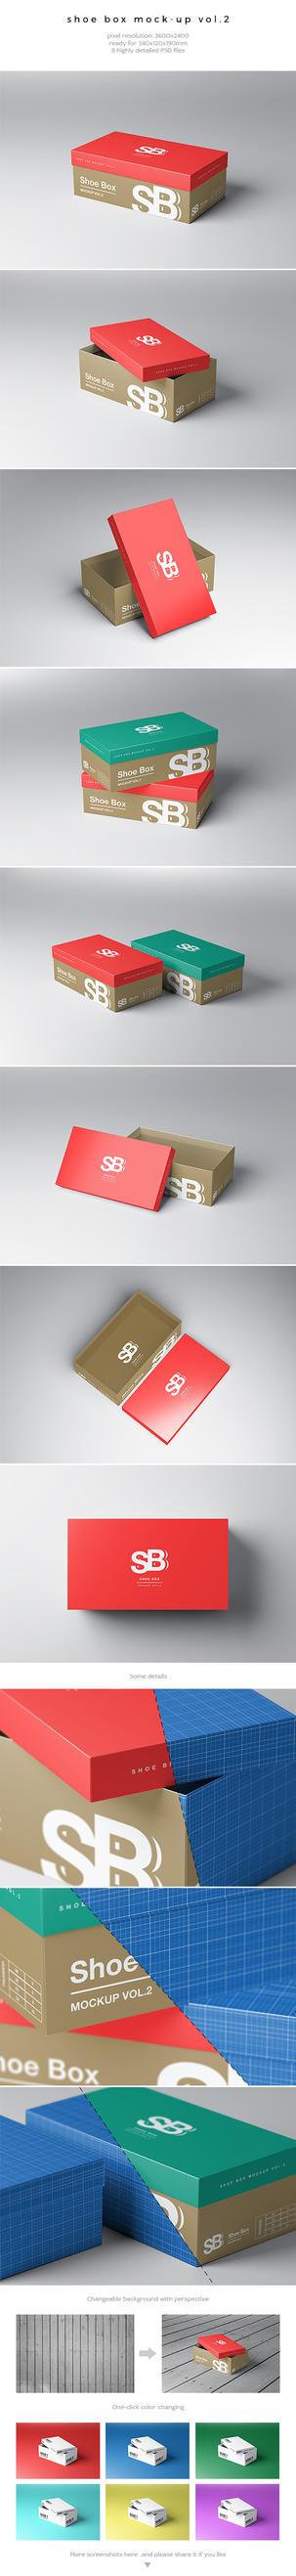 Shoe Box Mockup Vol.2 by kotulsky